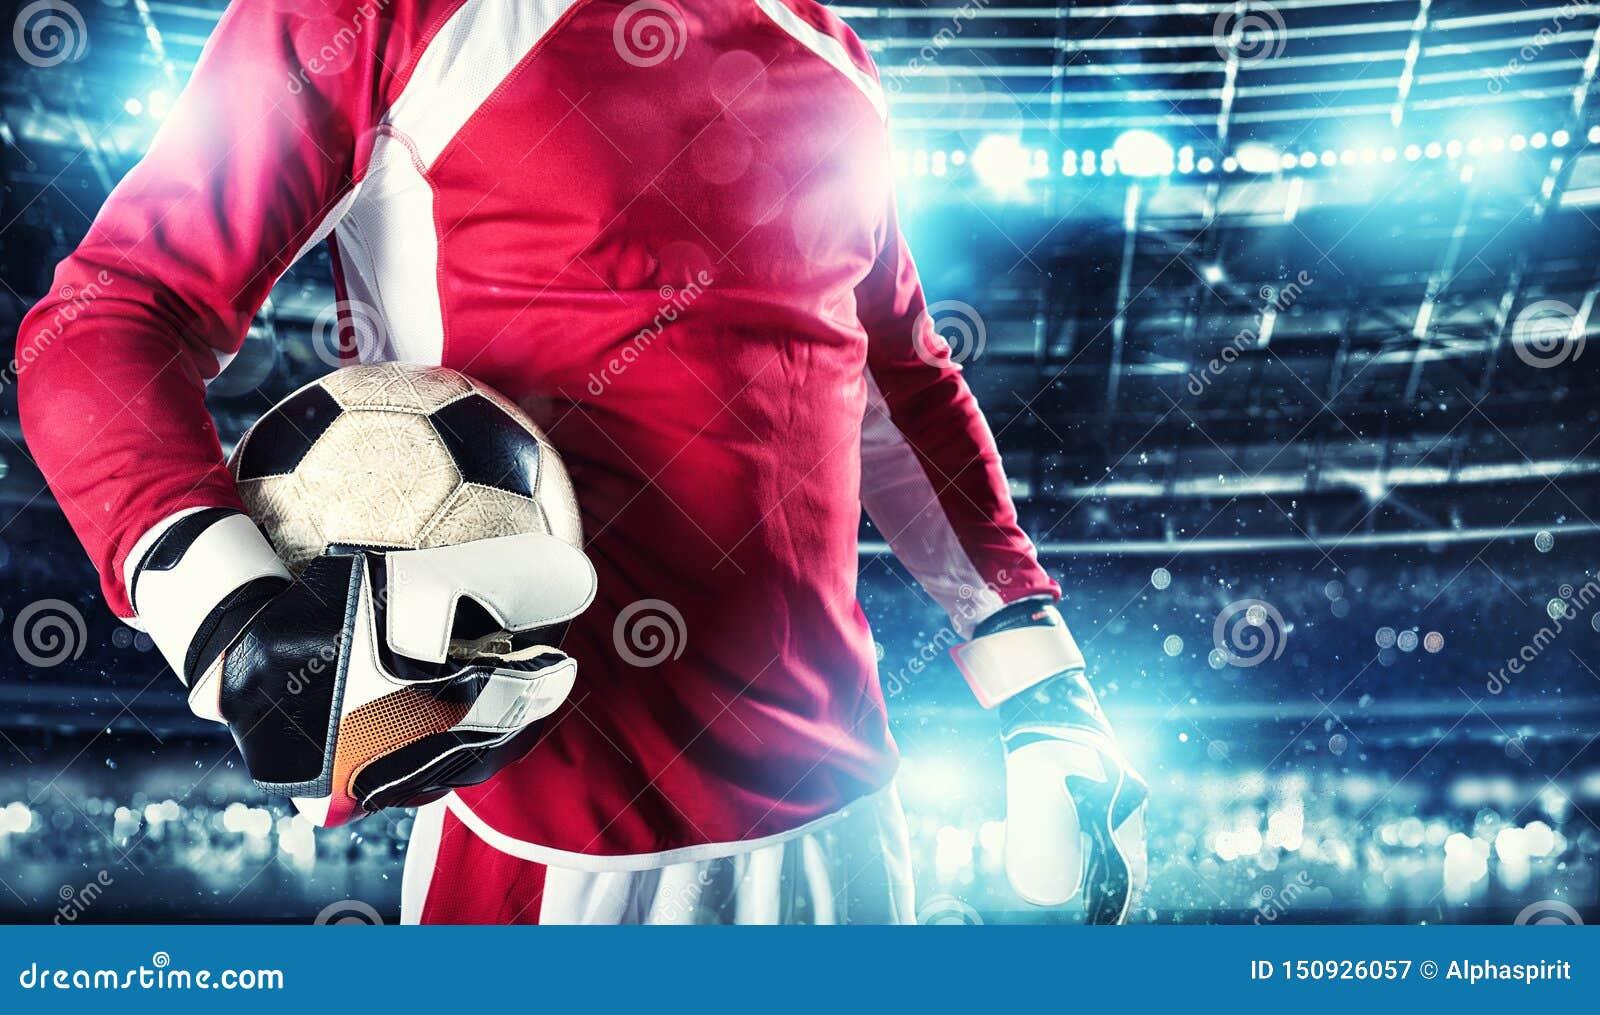 Голкипер держит шарик в стадионе во время футбольного матча